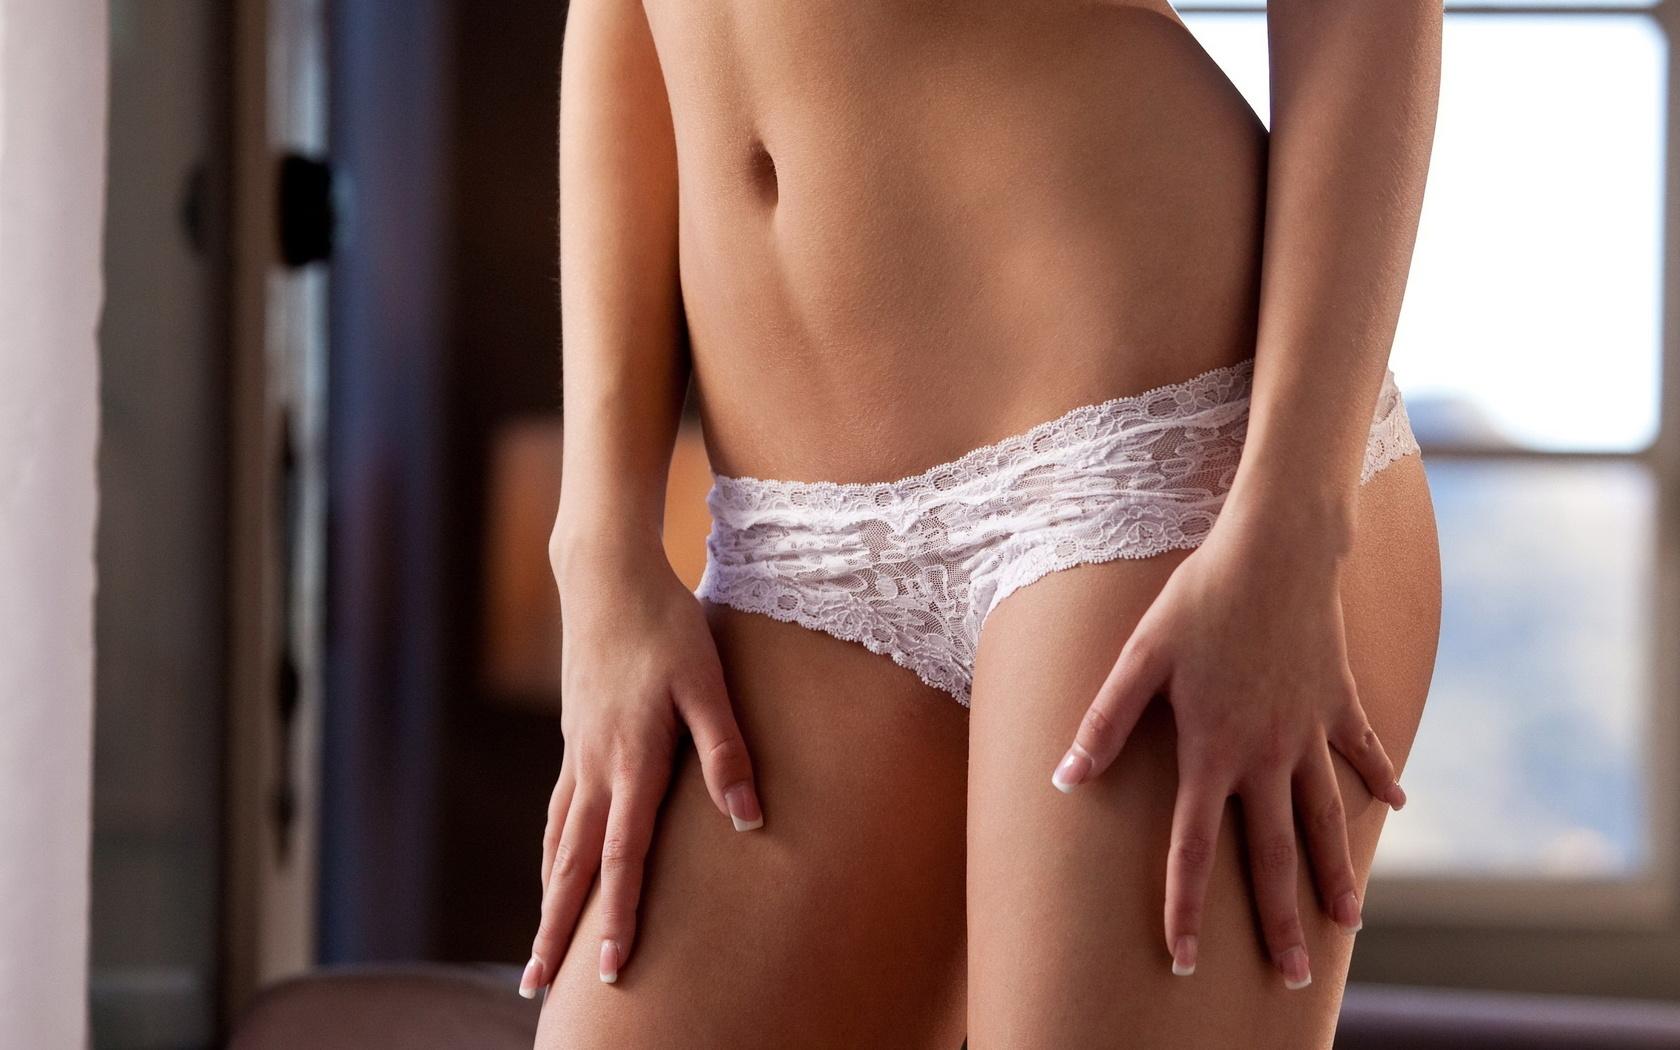 Срыв целок крупным планом онлайн, срыв целки девственности - смотреть порно онлайн или 28 фотография